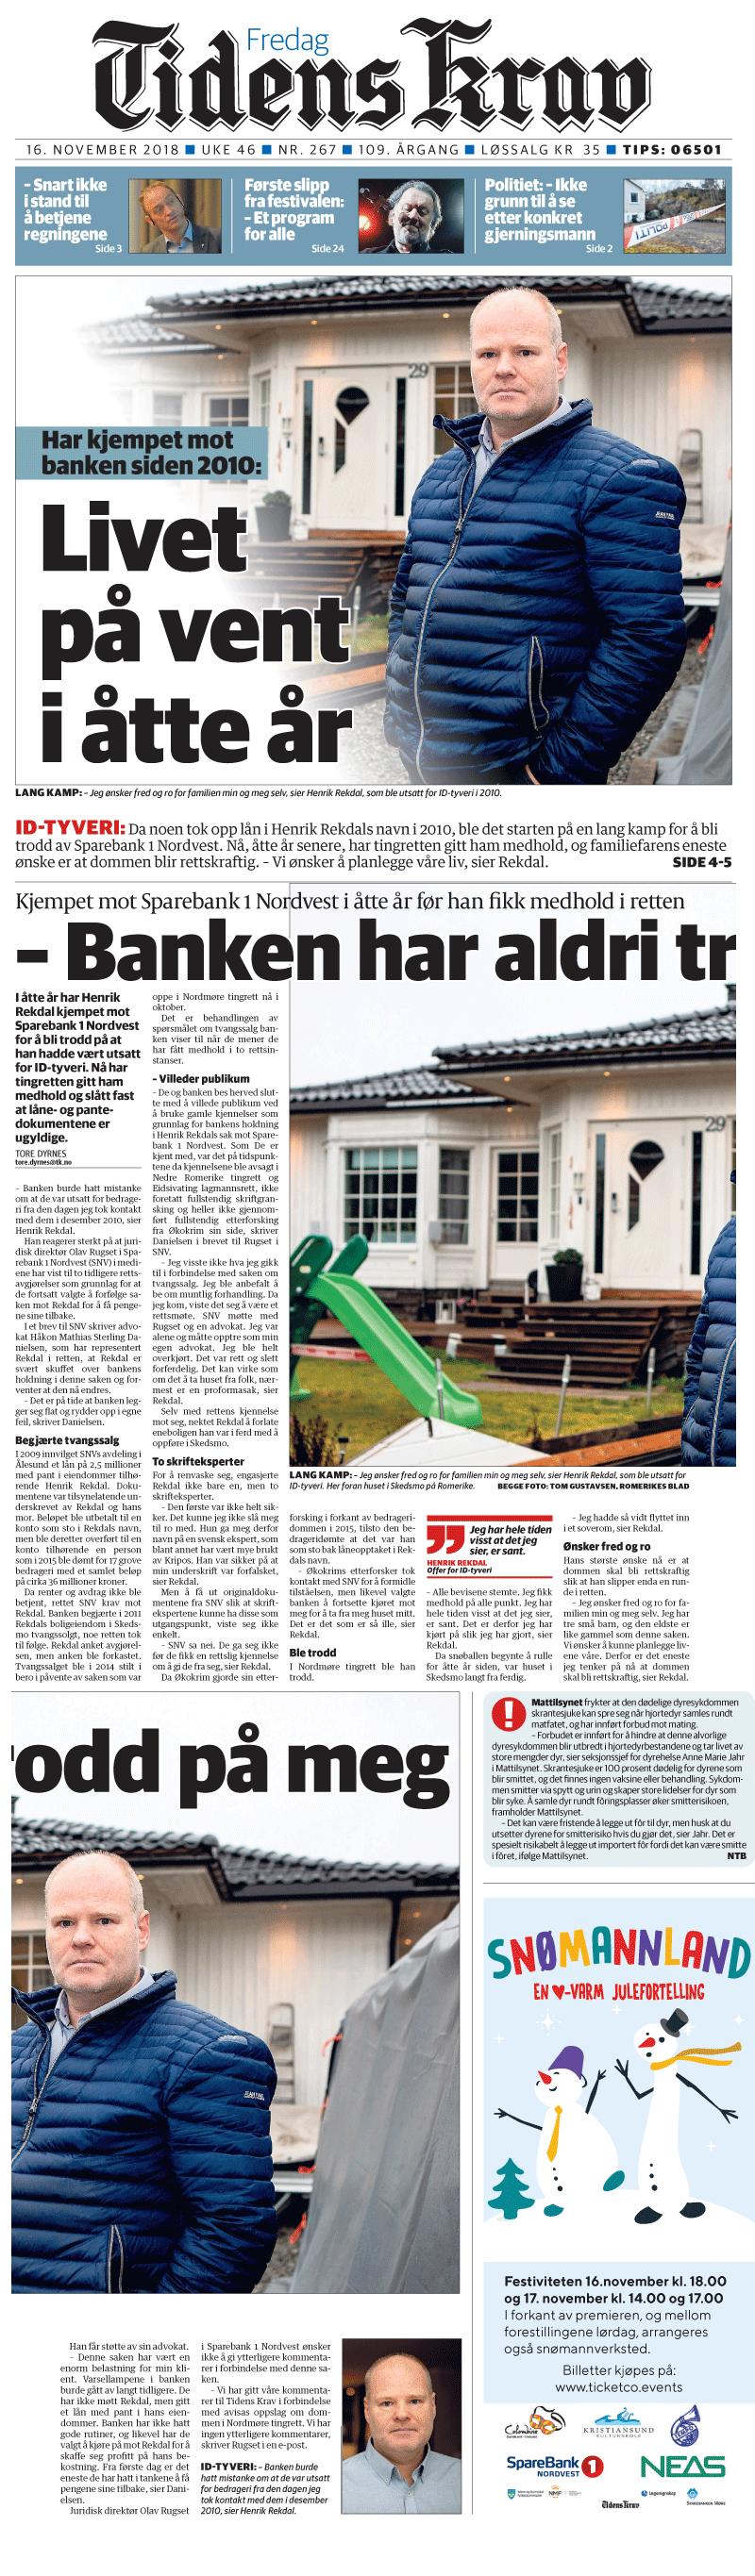 Id-Tyveri Kjempet mot banken. Offer di ID Tyveri. Advokat Danielsen & Co. Per Danielsen.